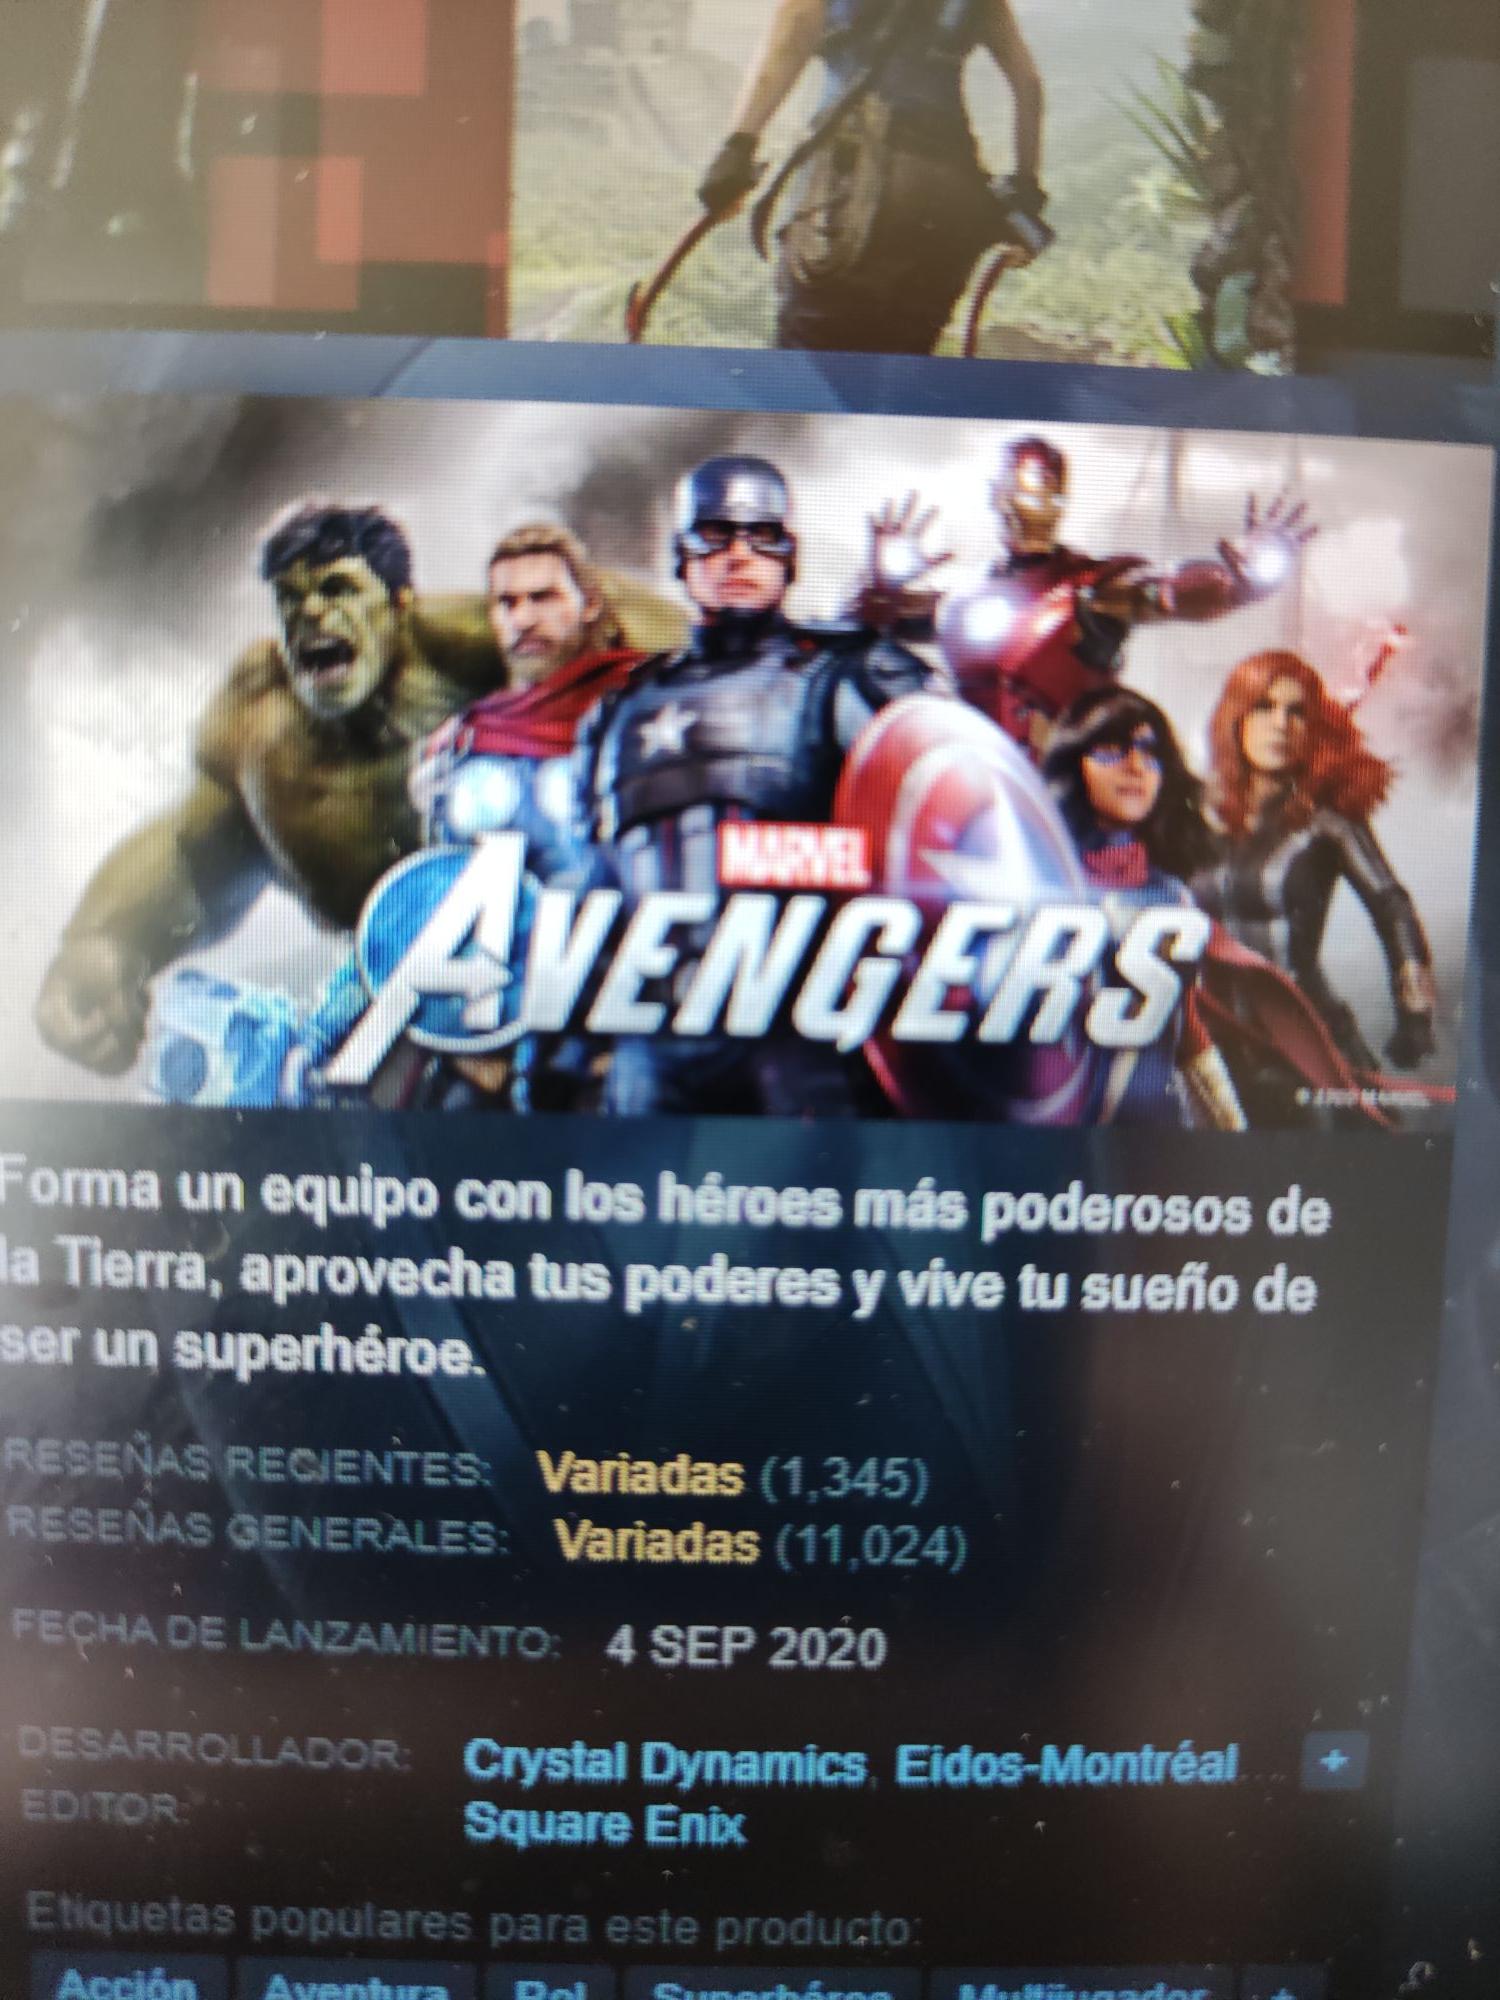 Marvel Avengers 50% STEAM